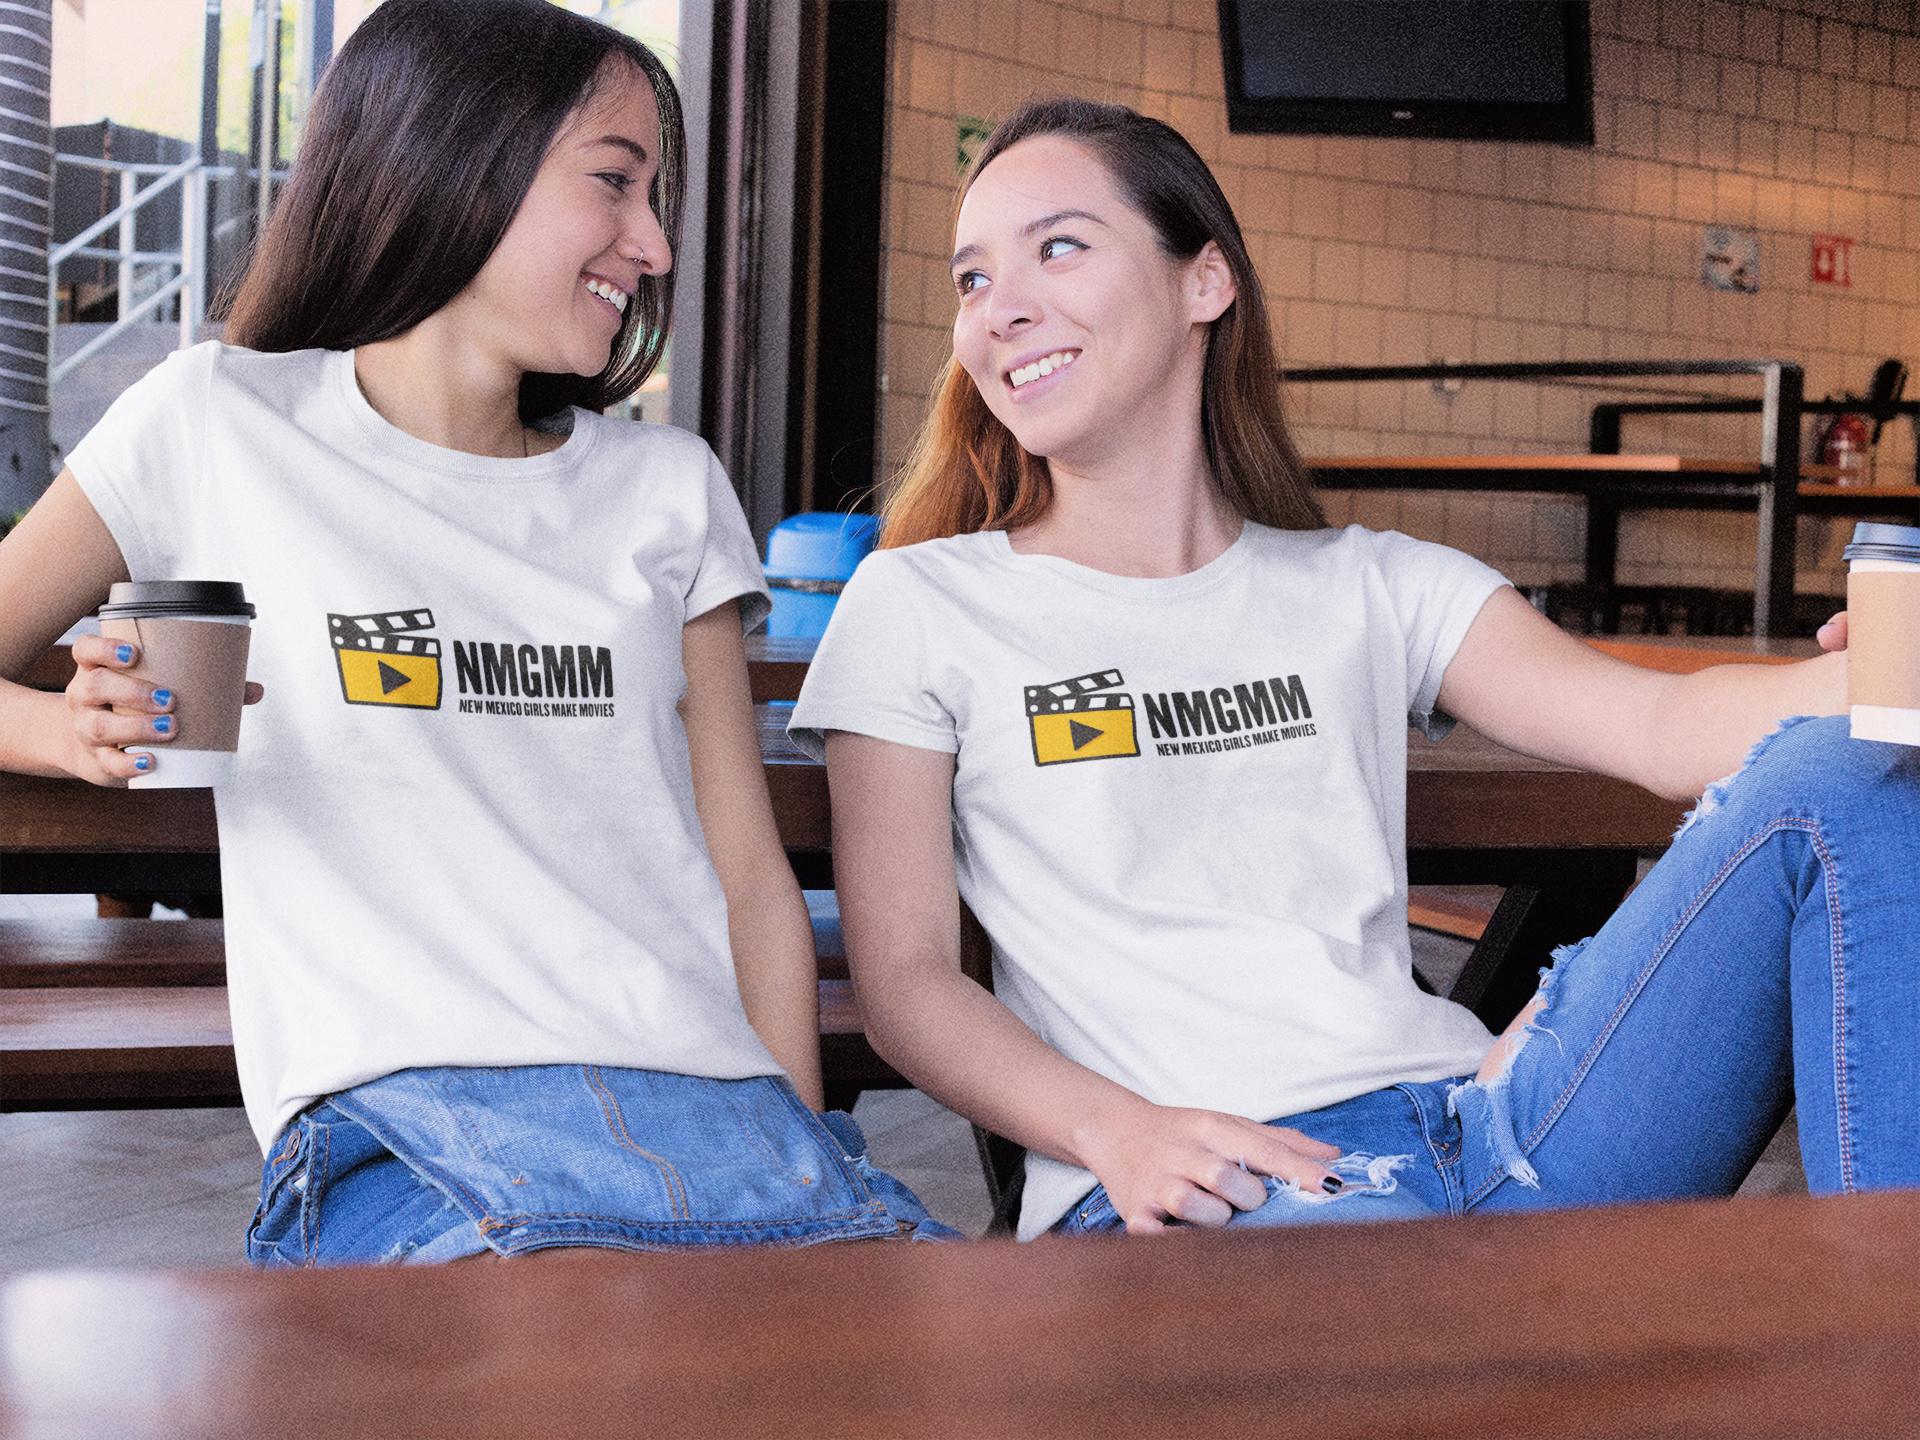 NMGMMlogoshirts.jpg